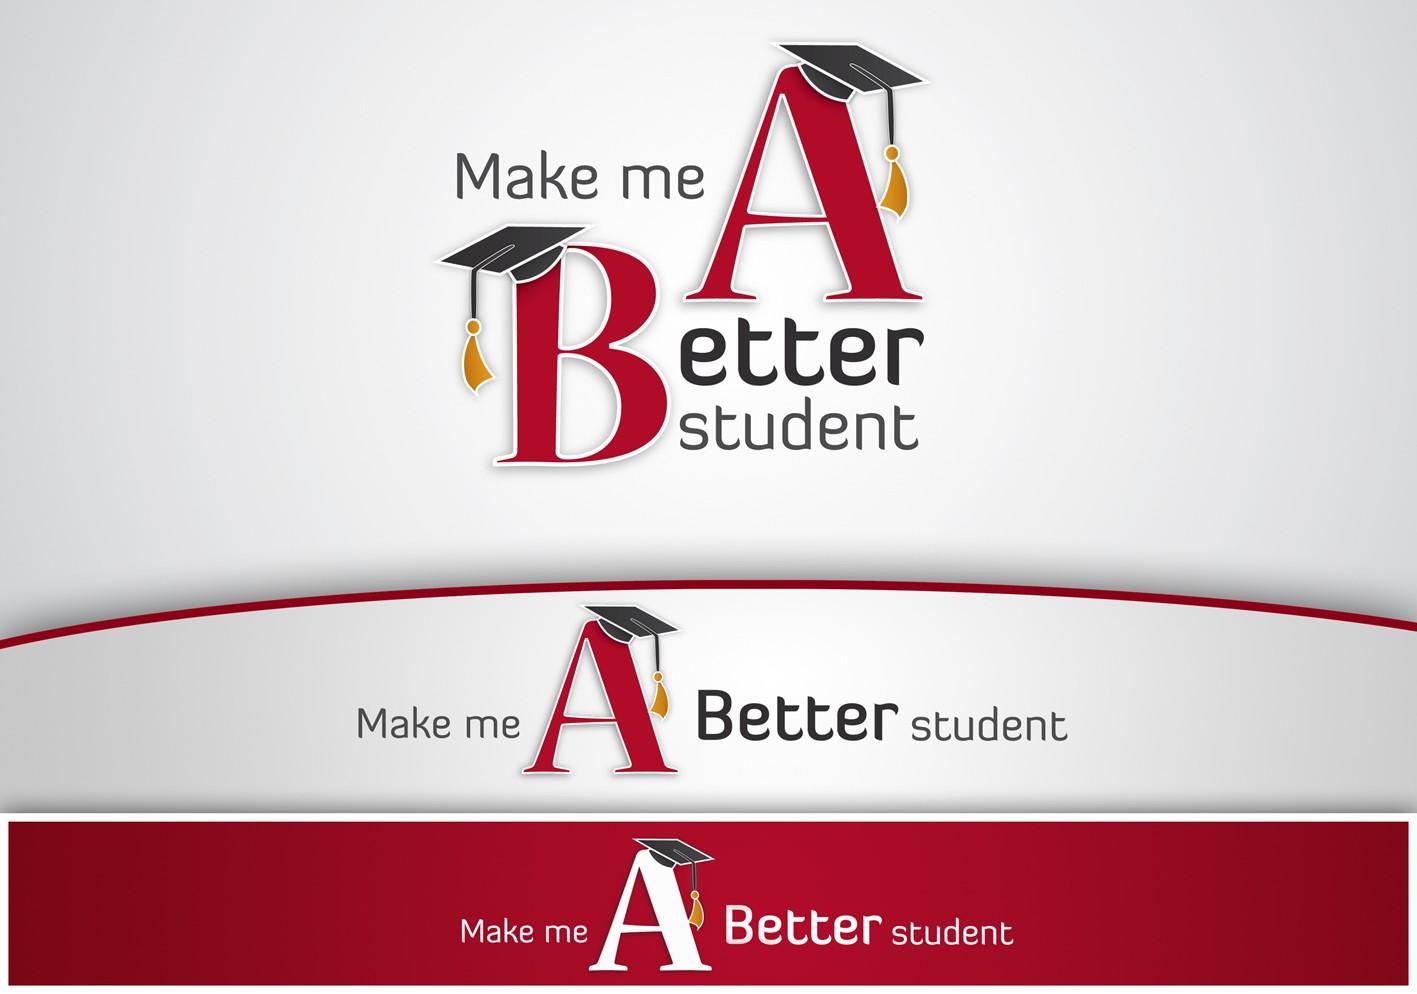 Make Me A Better Student needs a new logo